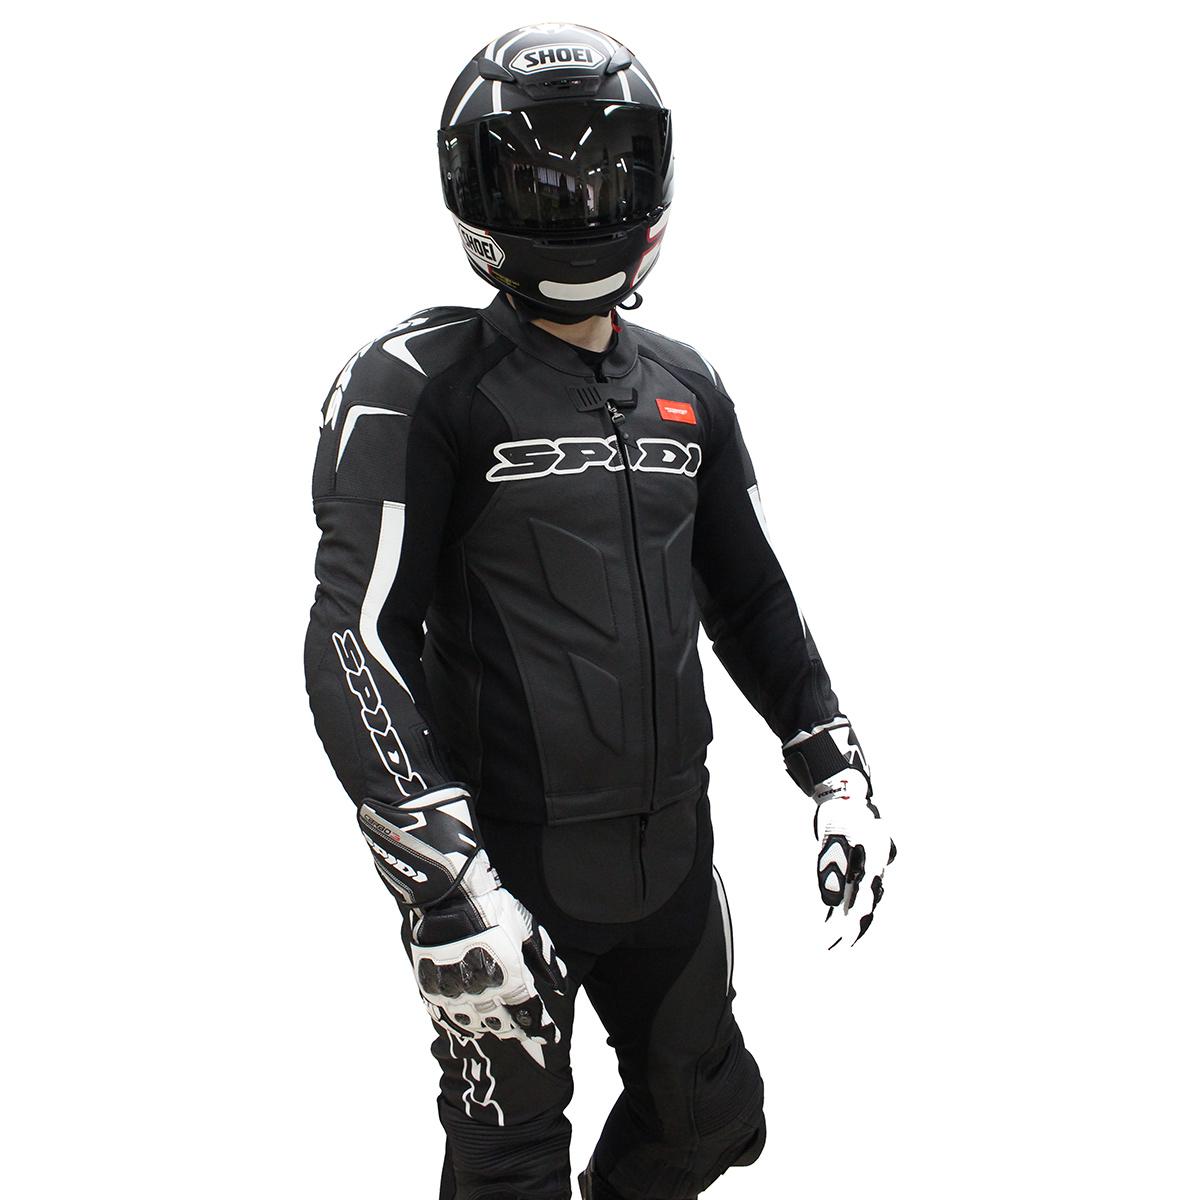 Macacão Spidi   Super Sport Touring Preto c/ Branco 2pçs  - Planet Bike Shop Moto Acessórios